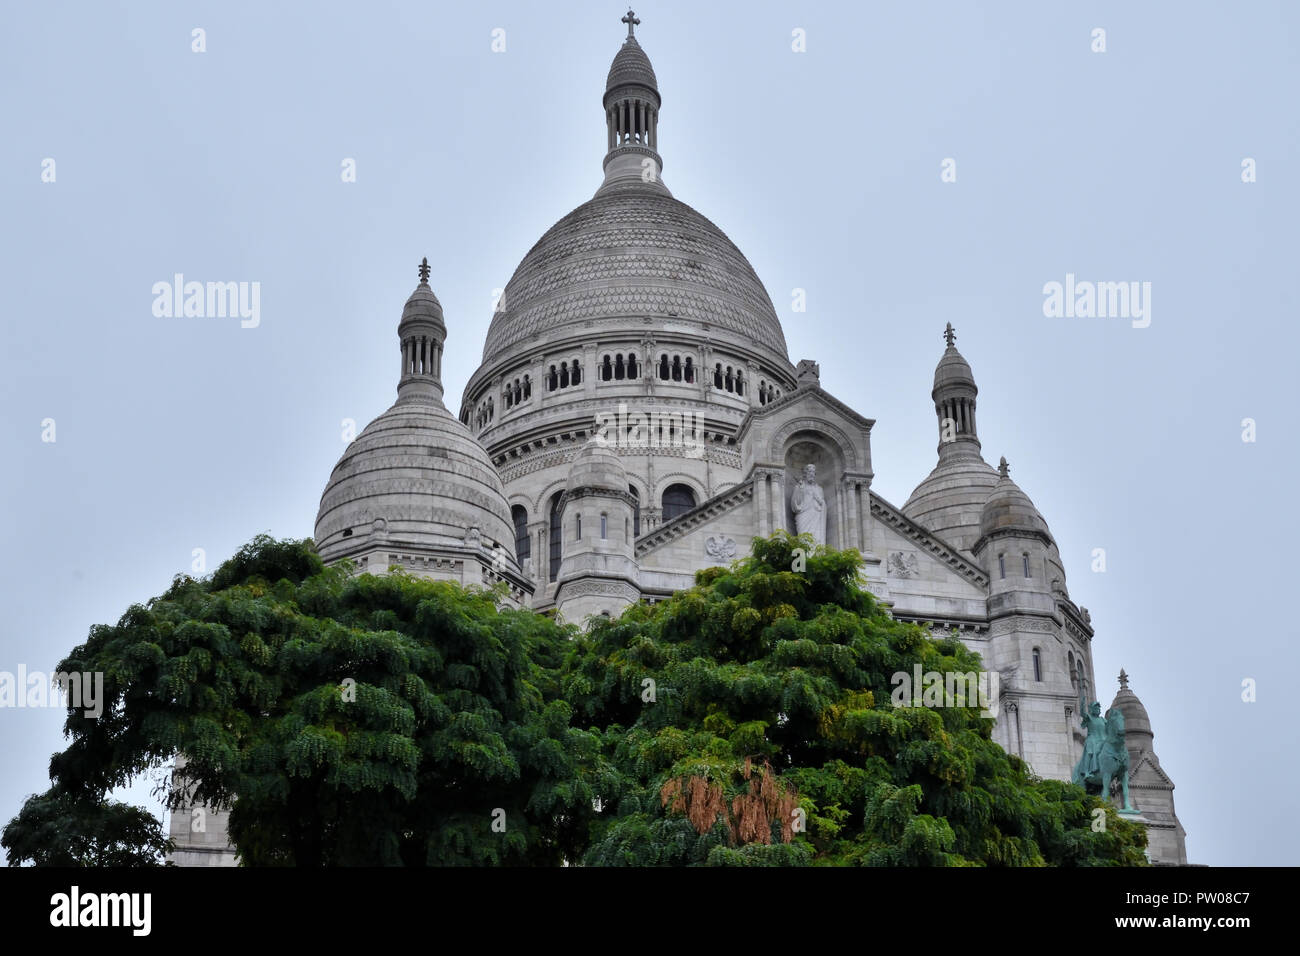 The Sacré-Coeur at Montmartre Stock Photo: